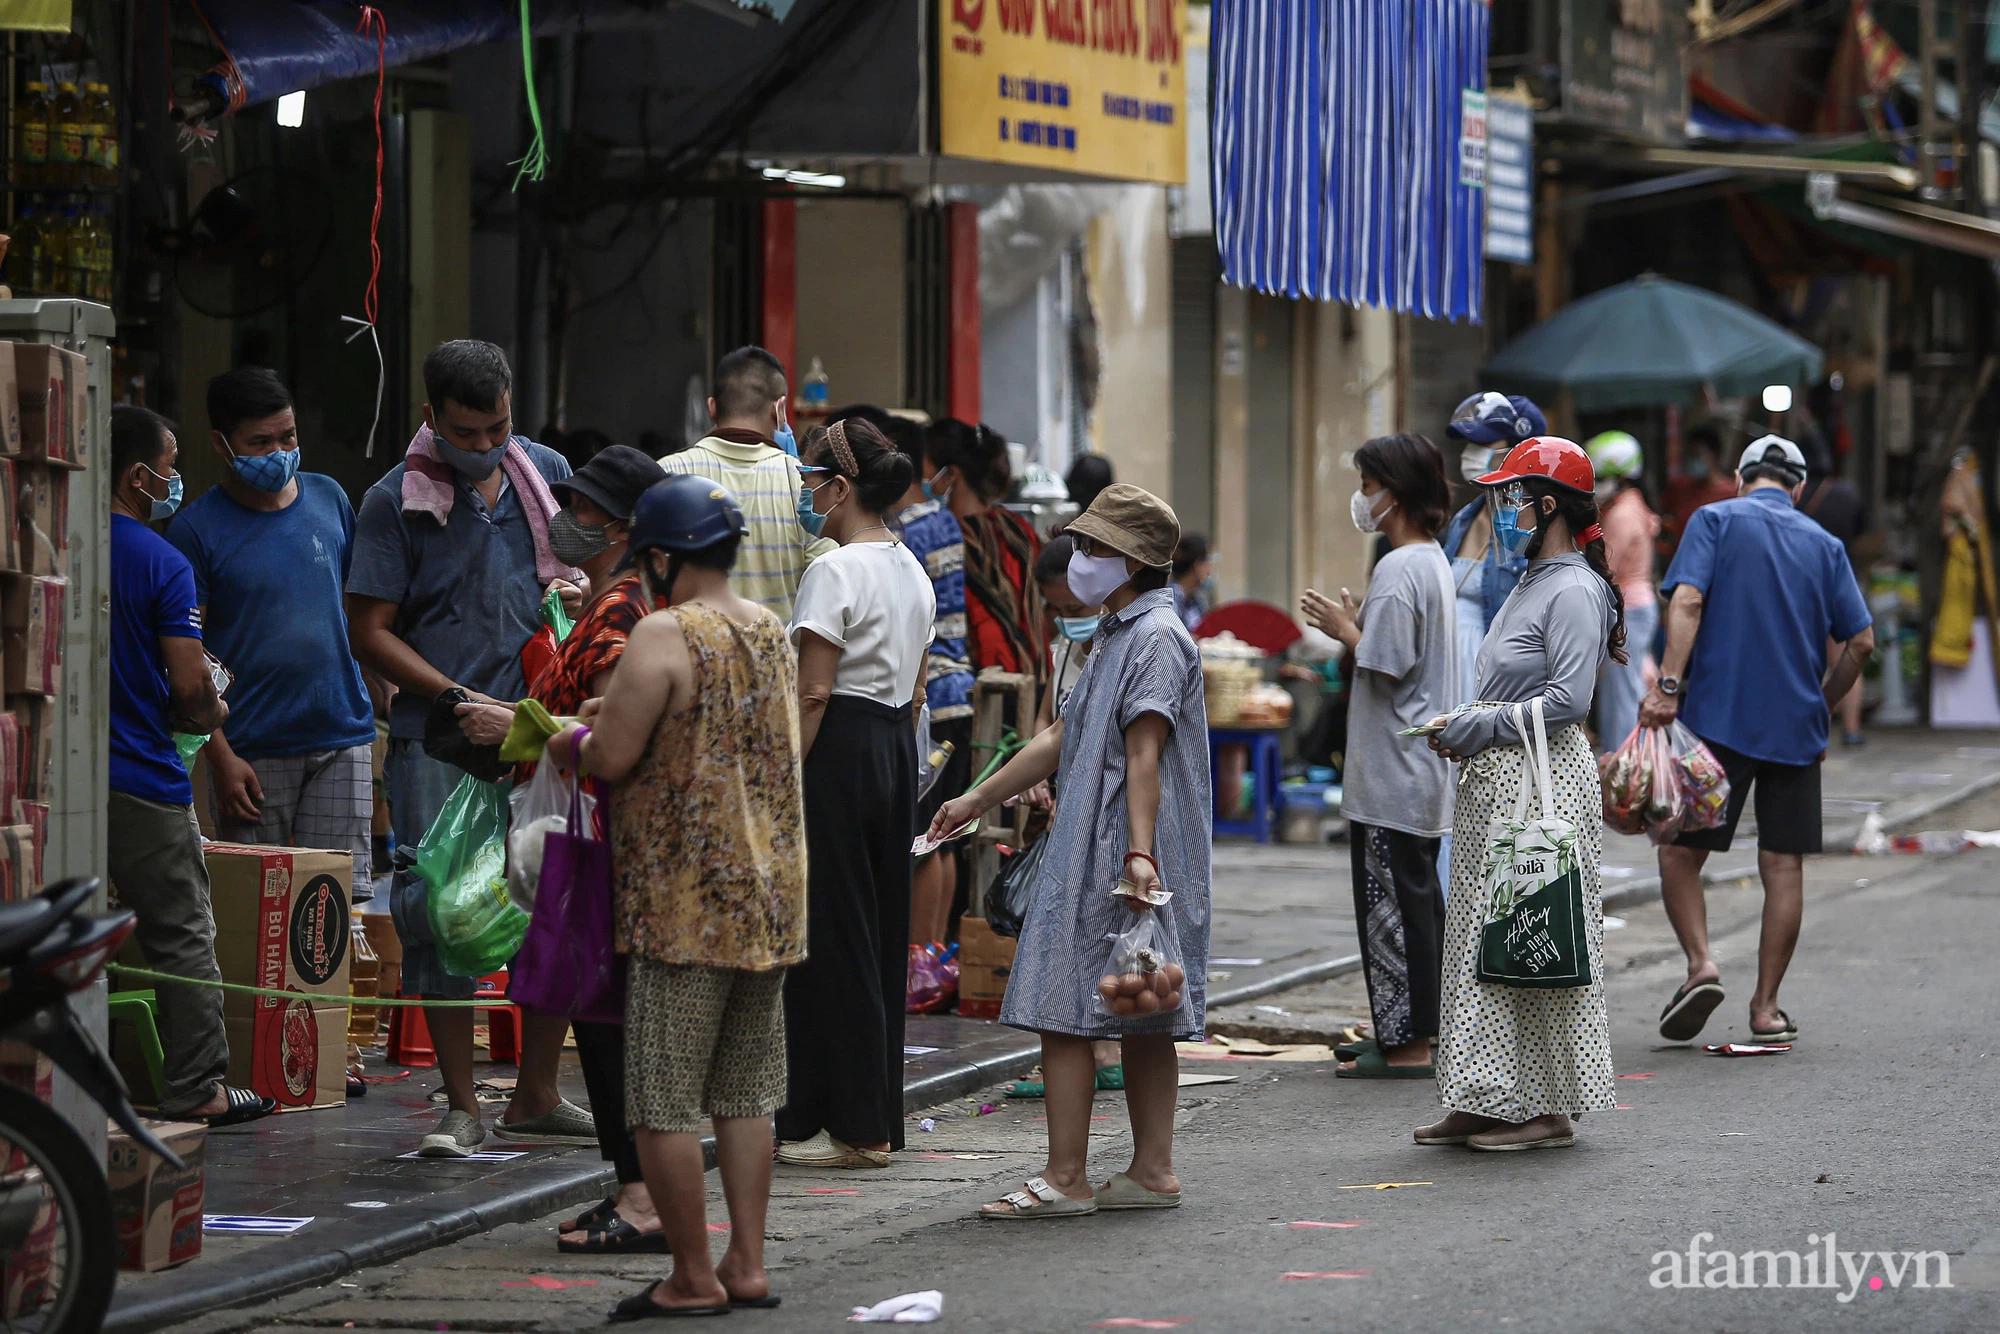 Ngày đầu giãn cách theo Chỉ thị 16, khu chợ ở Hà Nội kẻ vạch cách nhau 2 m, người mua kẻ bán tuy xa mặt nhưng không cách lòng - Ảnh 2.